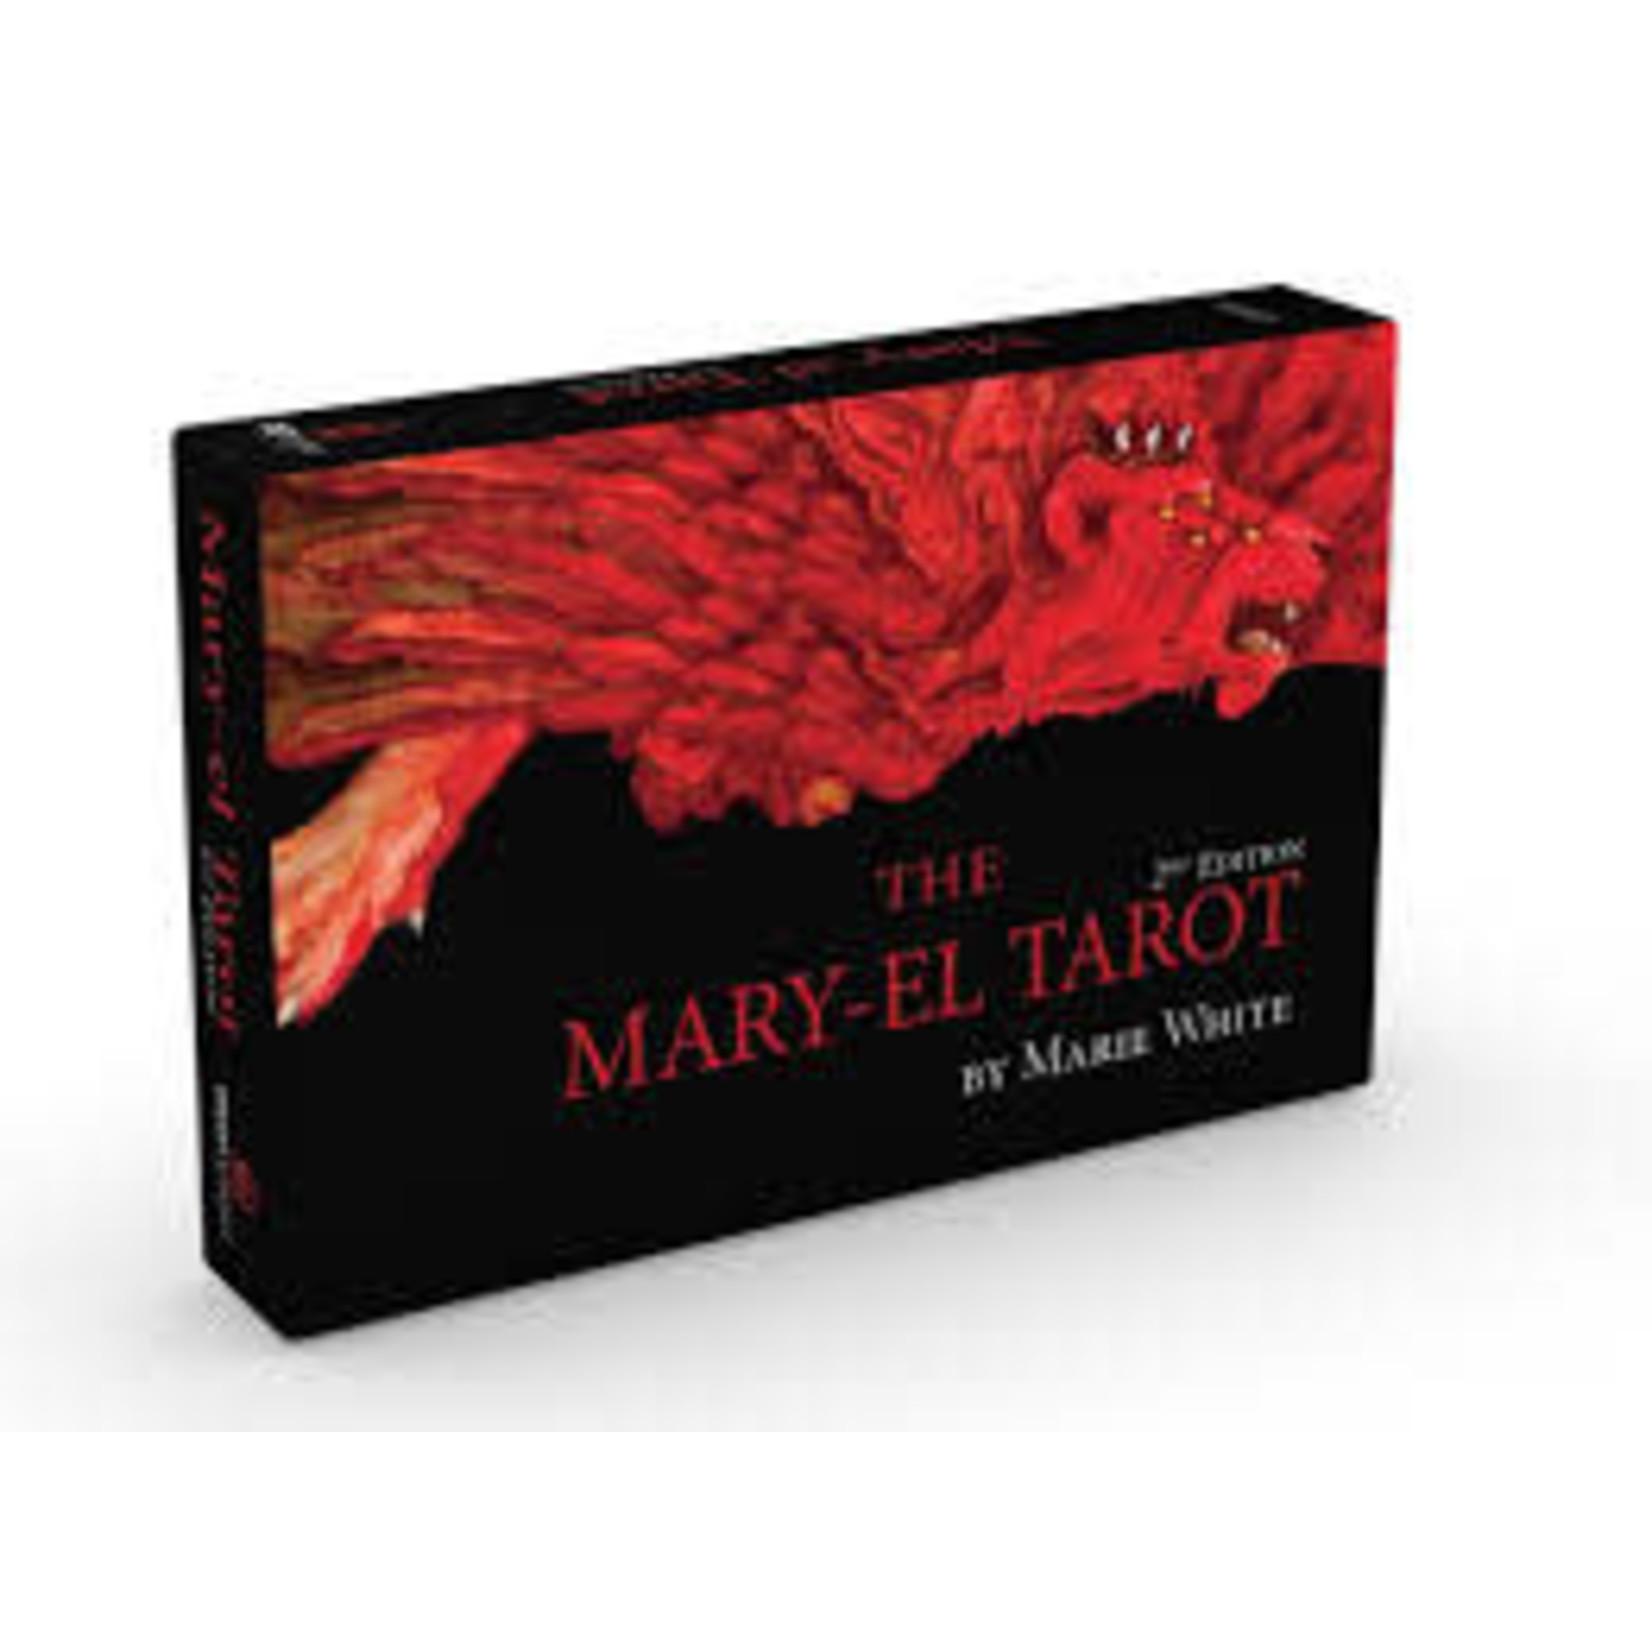 The Mary-El Tarot Book